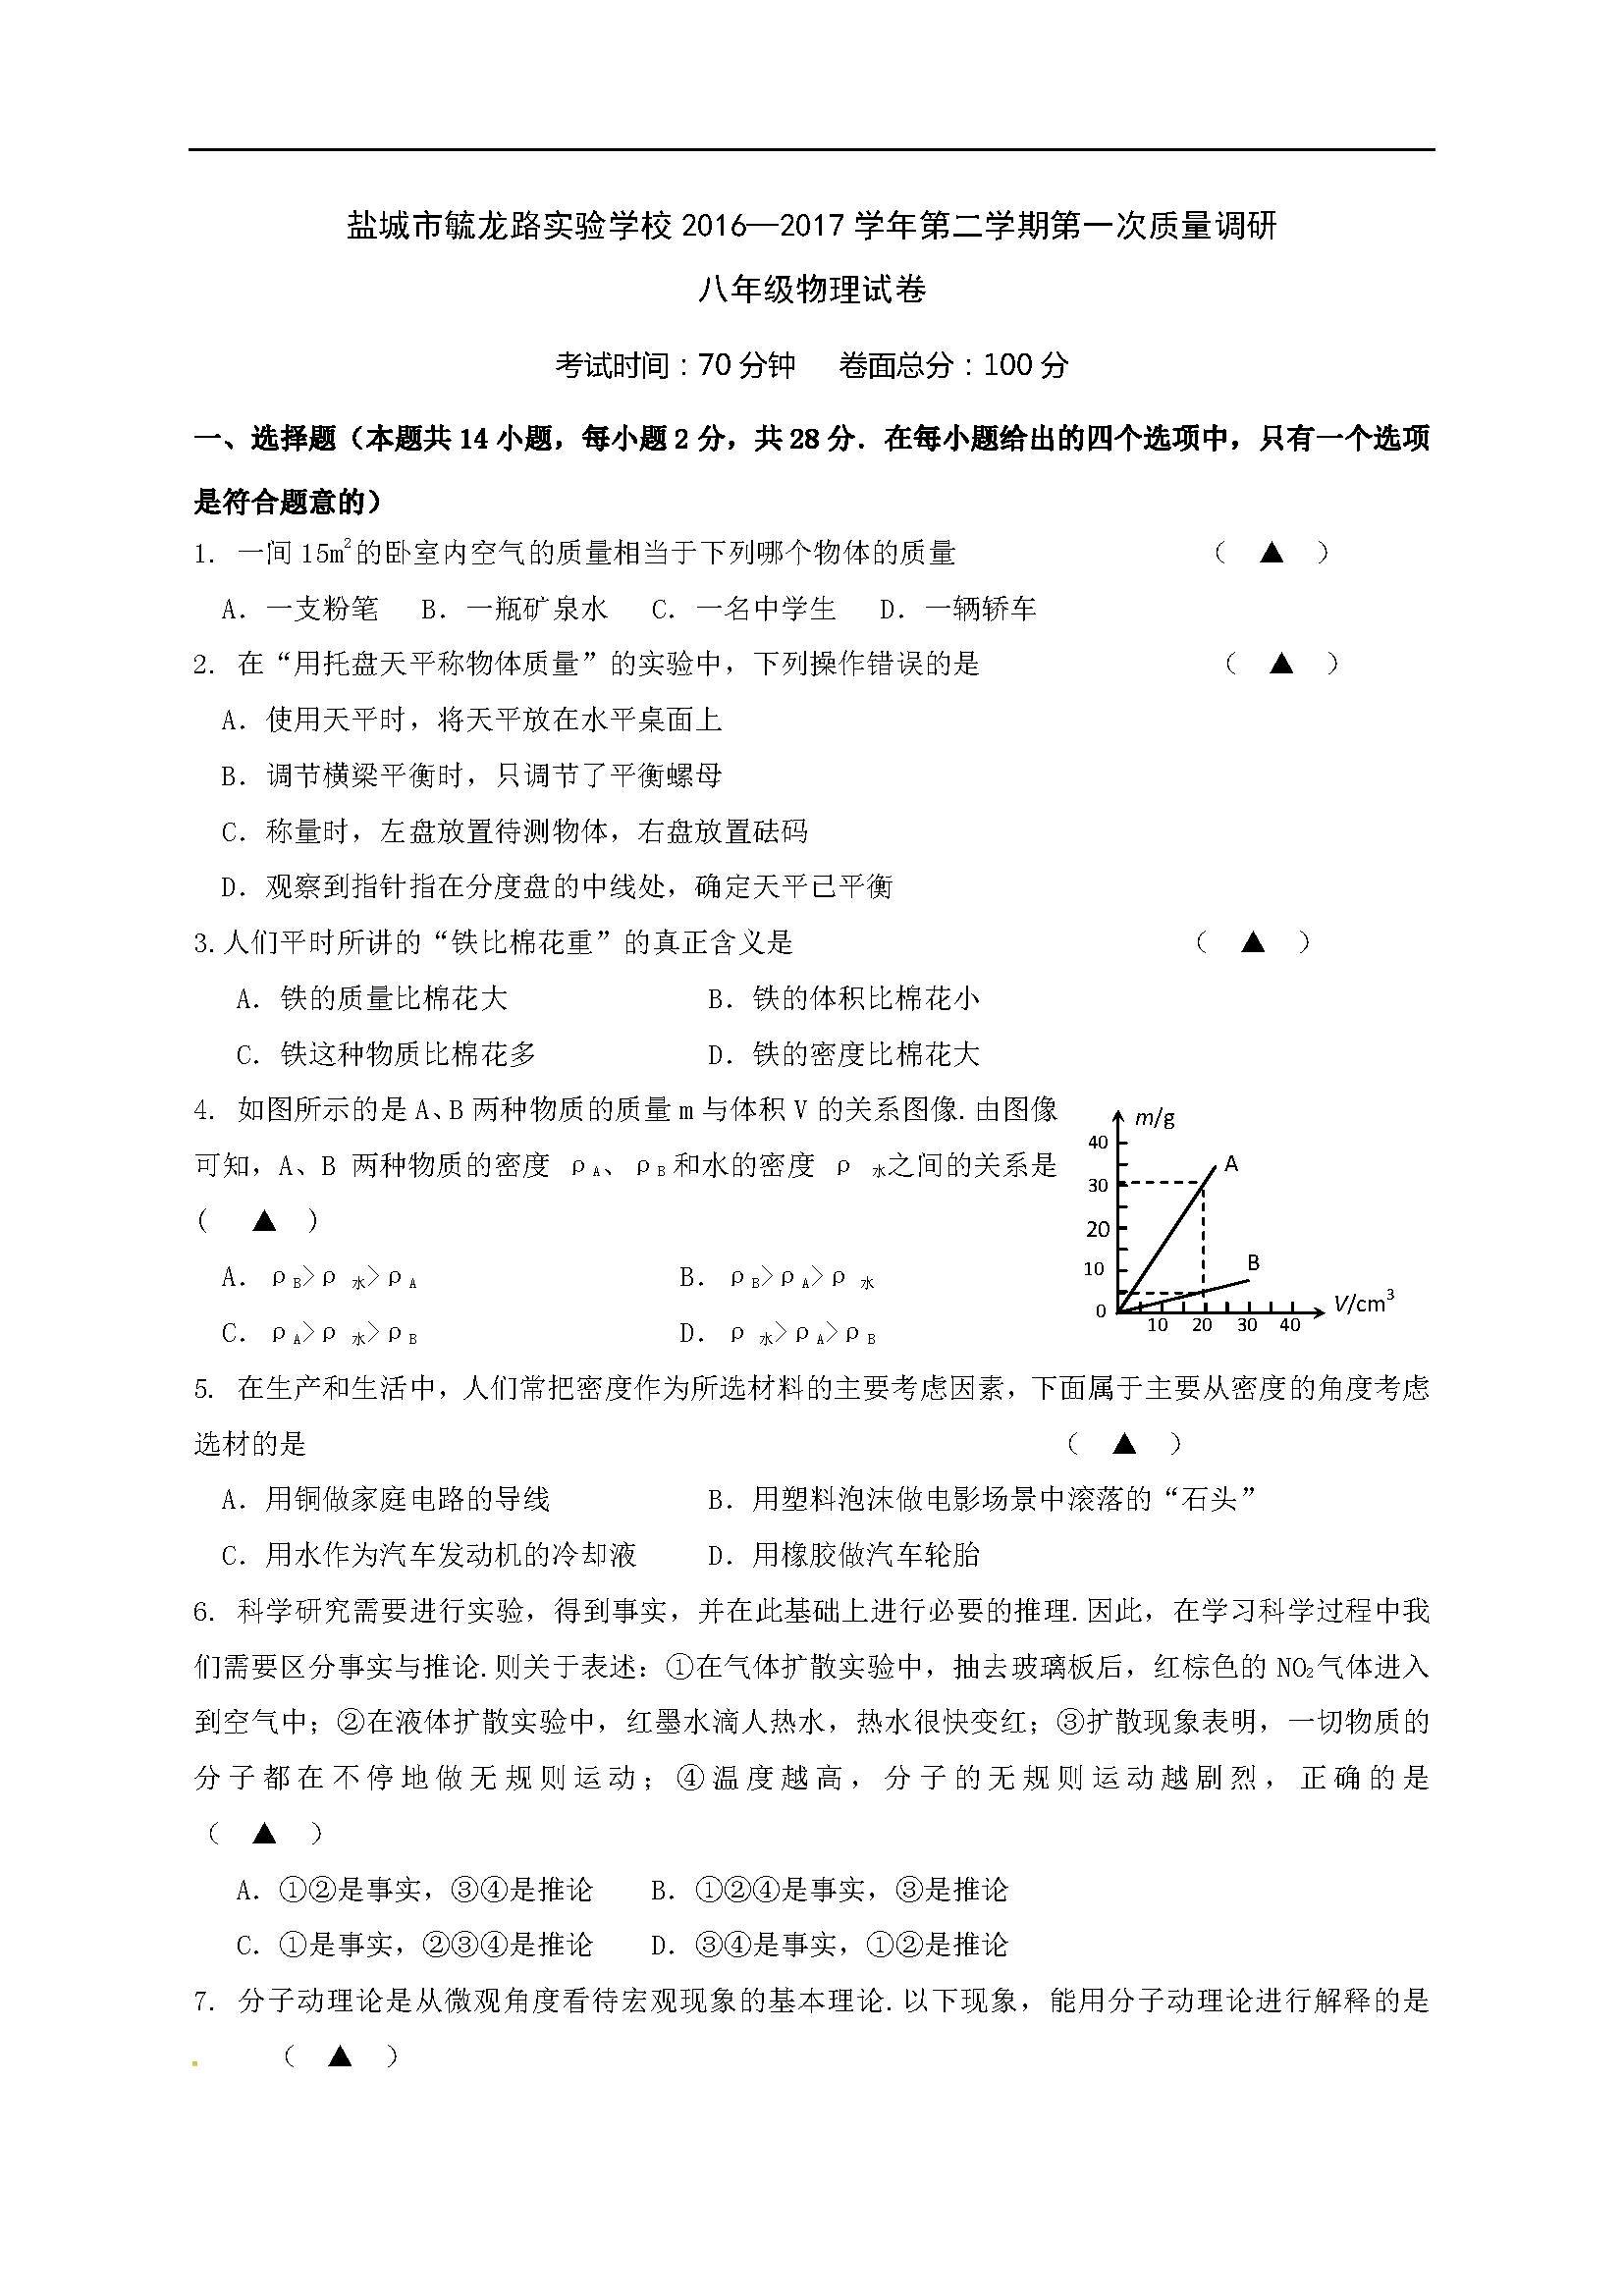 江苏盐城毓龙路实验学校2016-2017八年级下第一次月考物理试题(Word版)